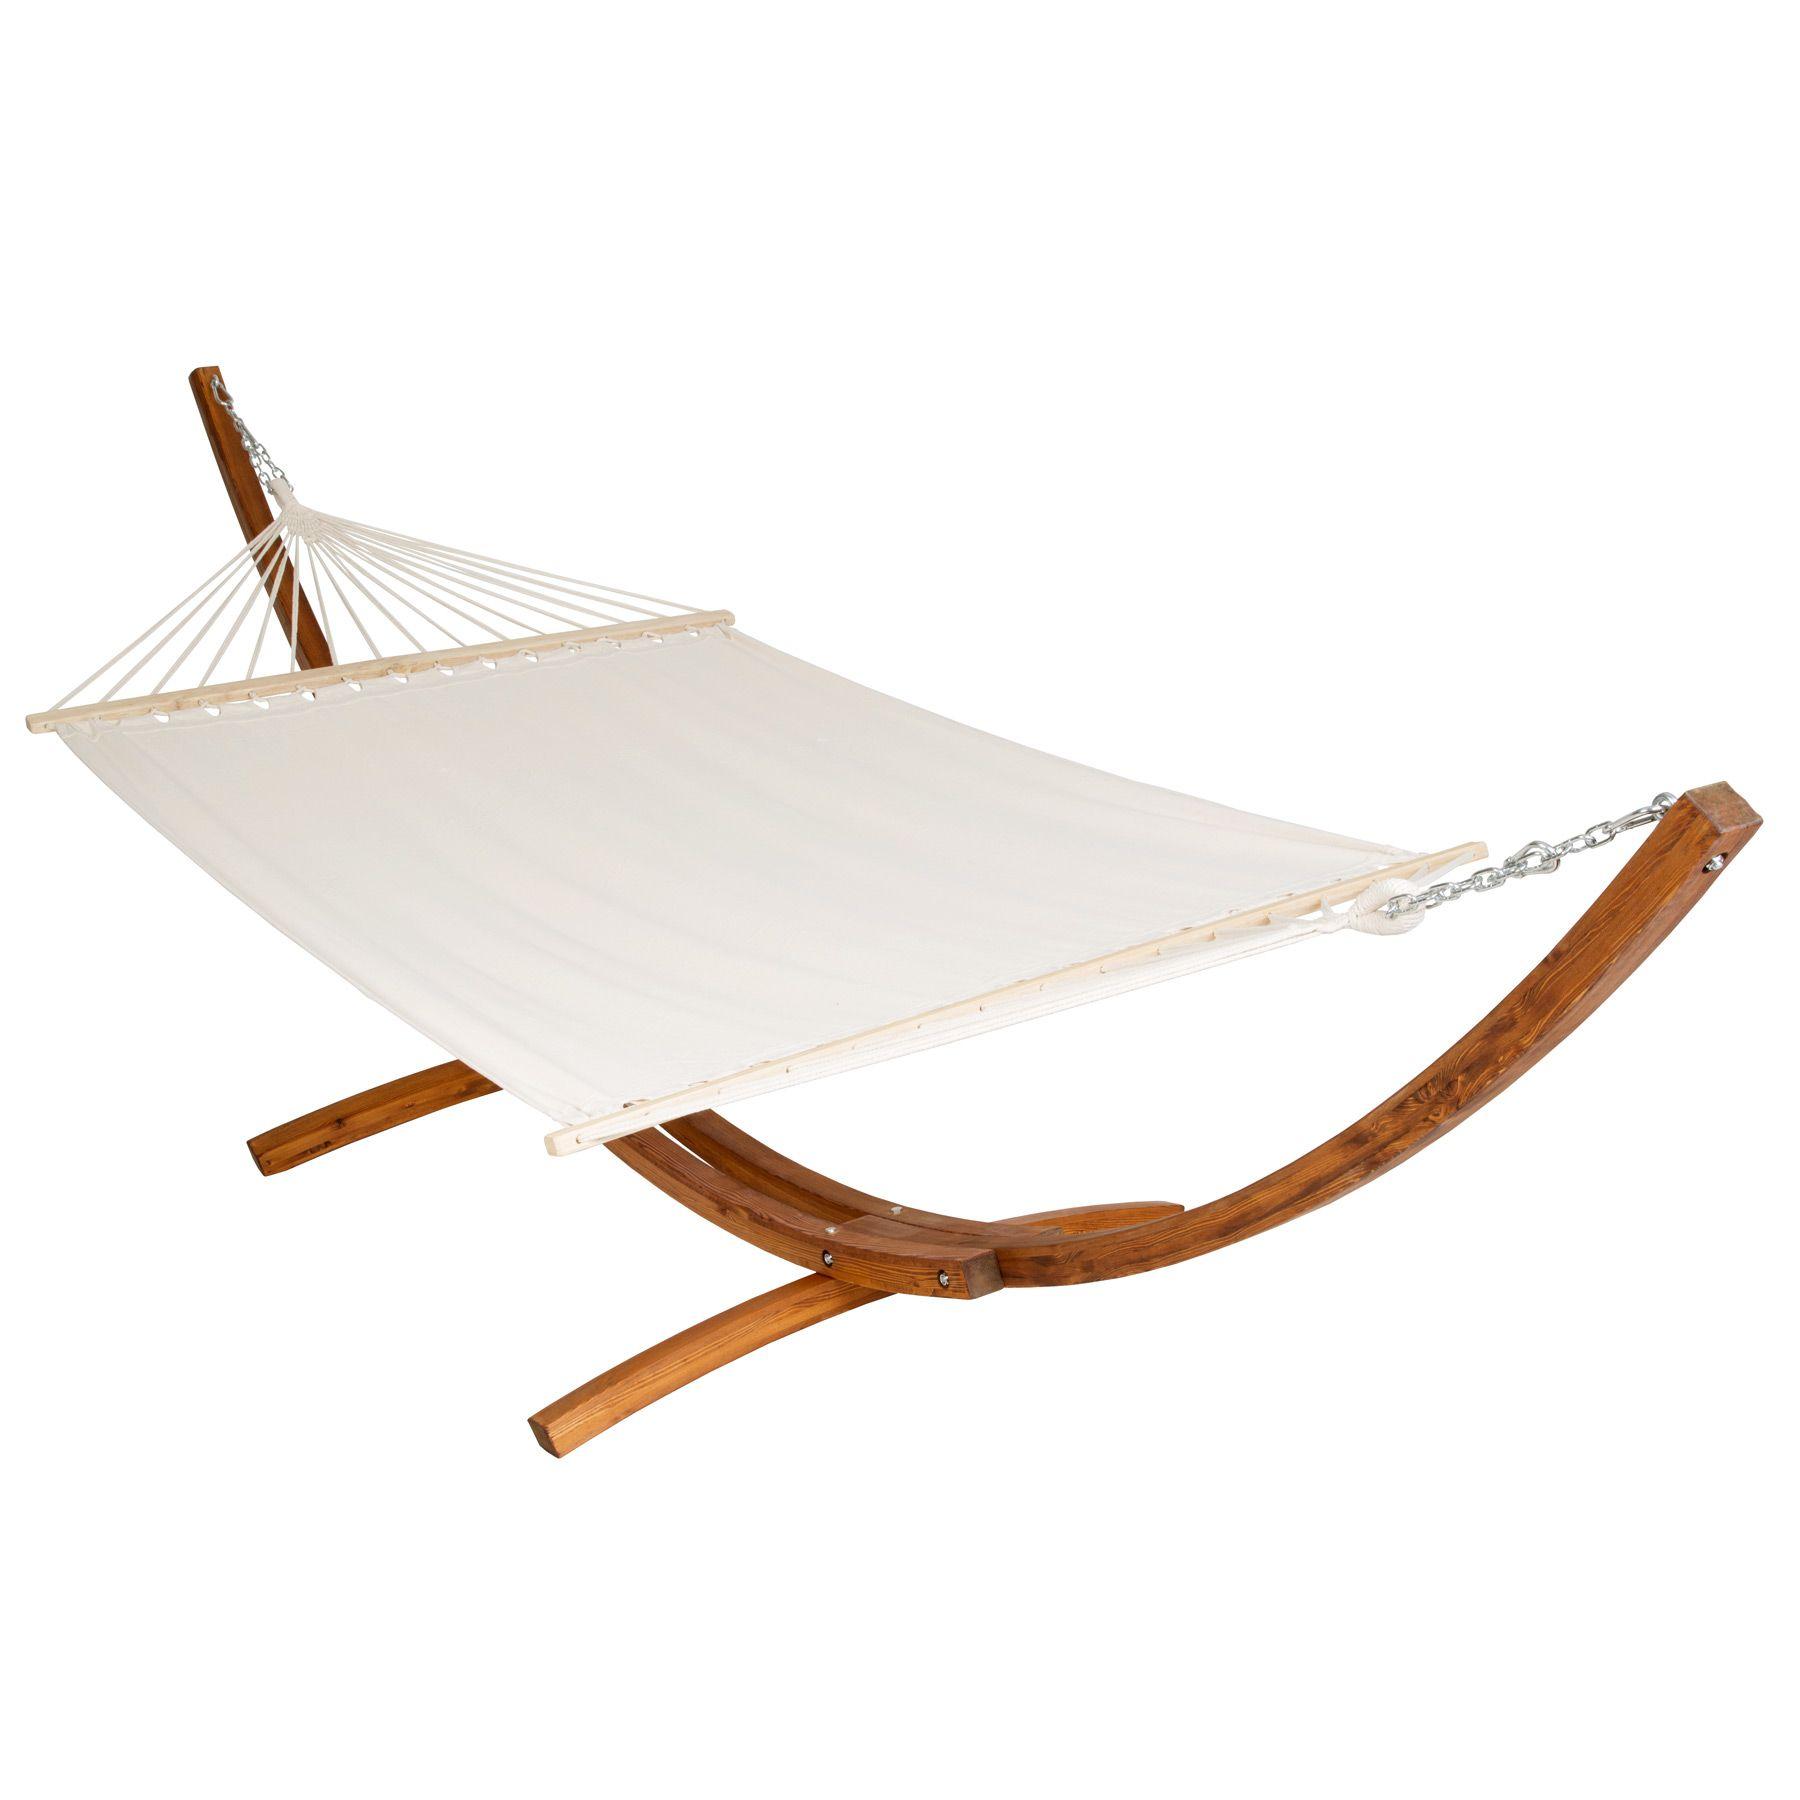 415 cm xxl h ngematte mit gestell holz gartenliege sonnenliege gartenm bel liege ebay. Black Bedroom Furniture Sets. Home Design Ideas